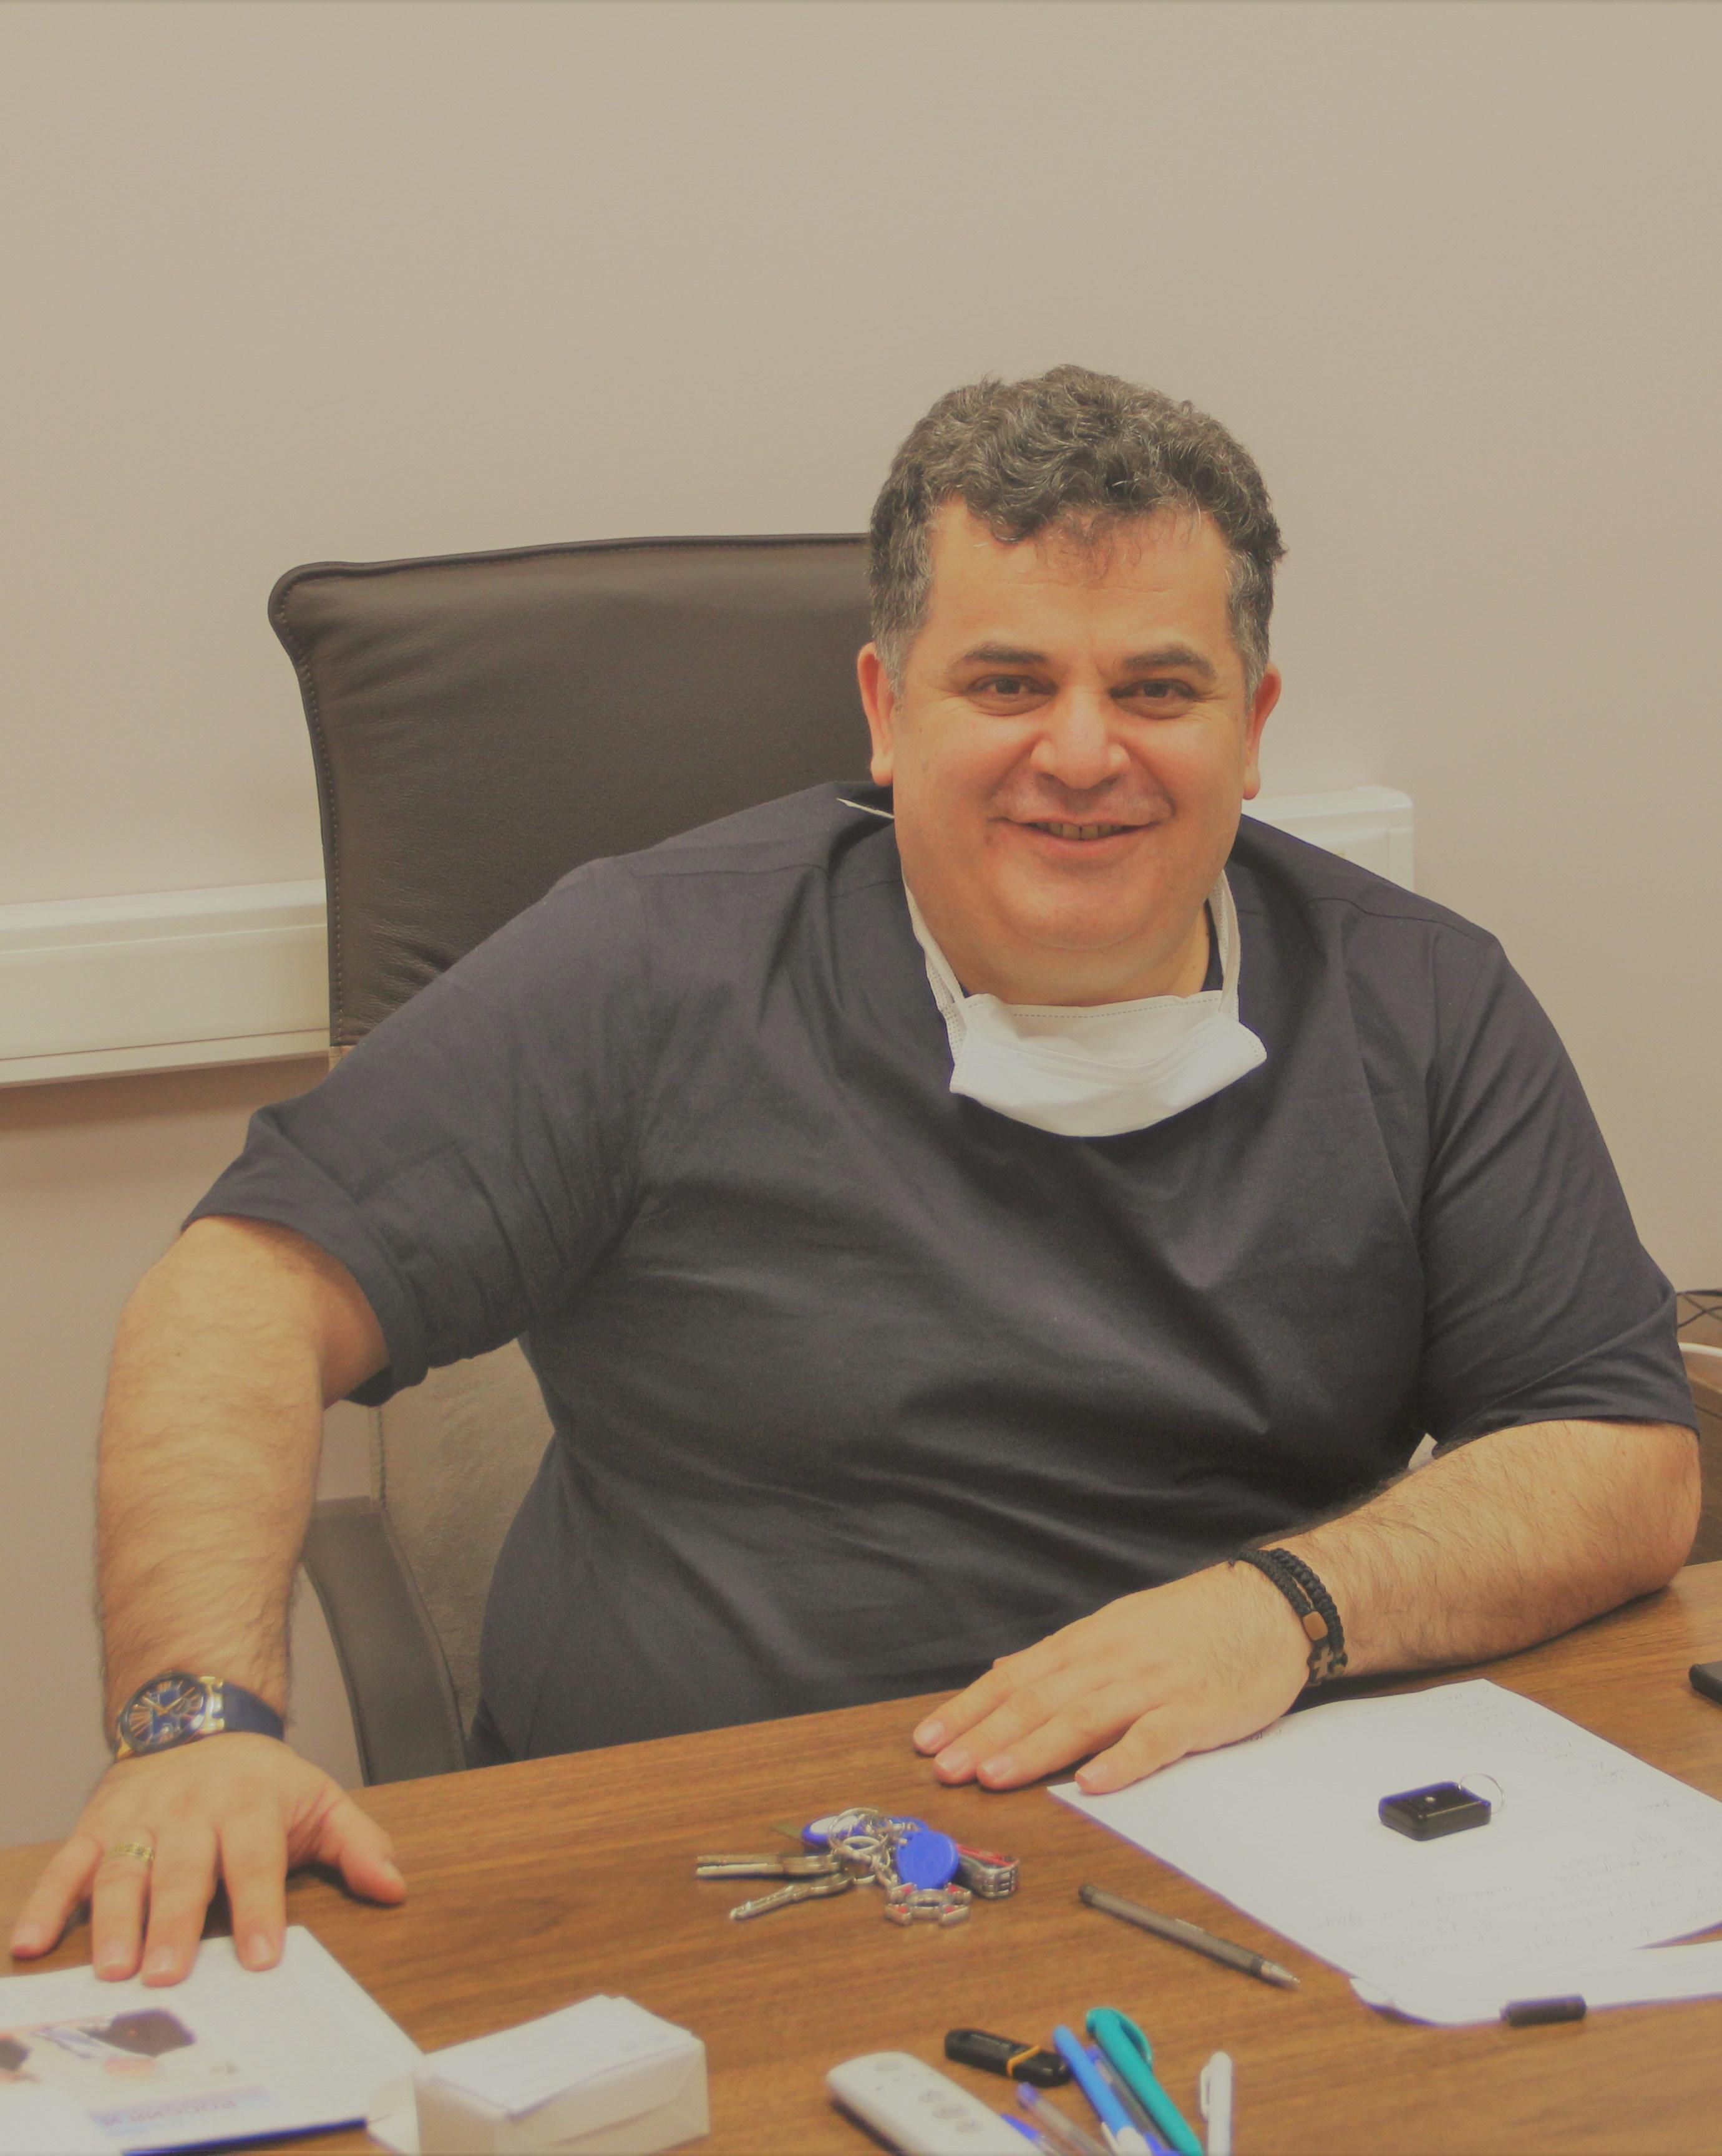 Мосоян Михаил Семенович, кафедра урологии с курсом роботической хирургии